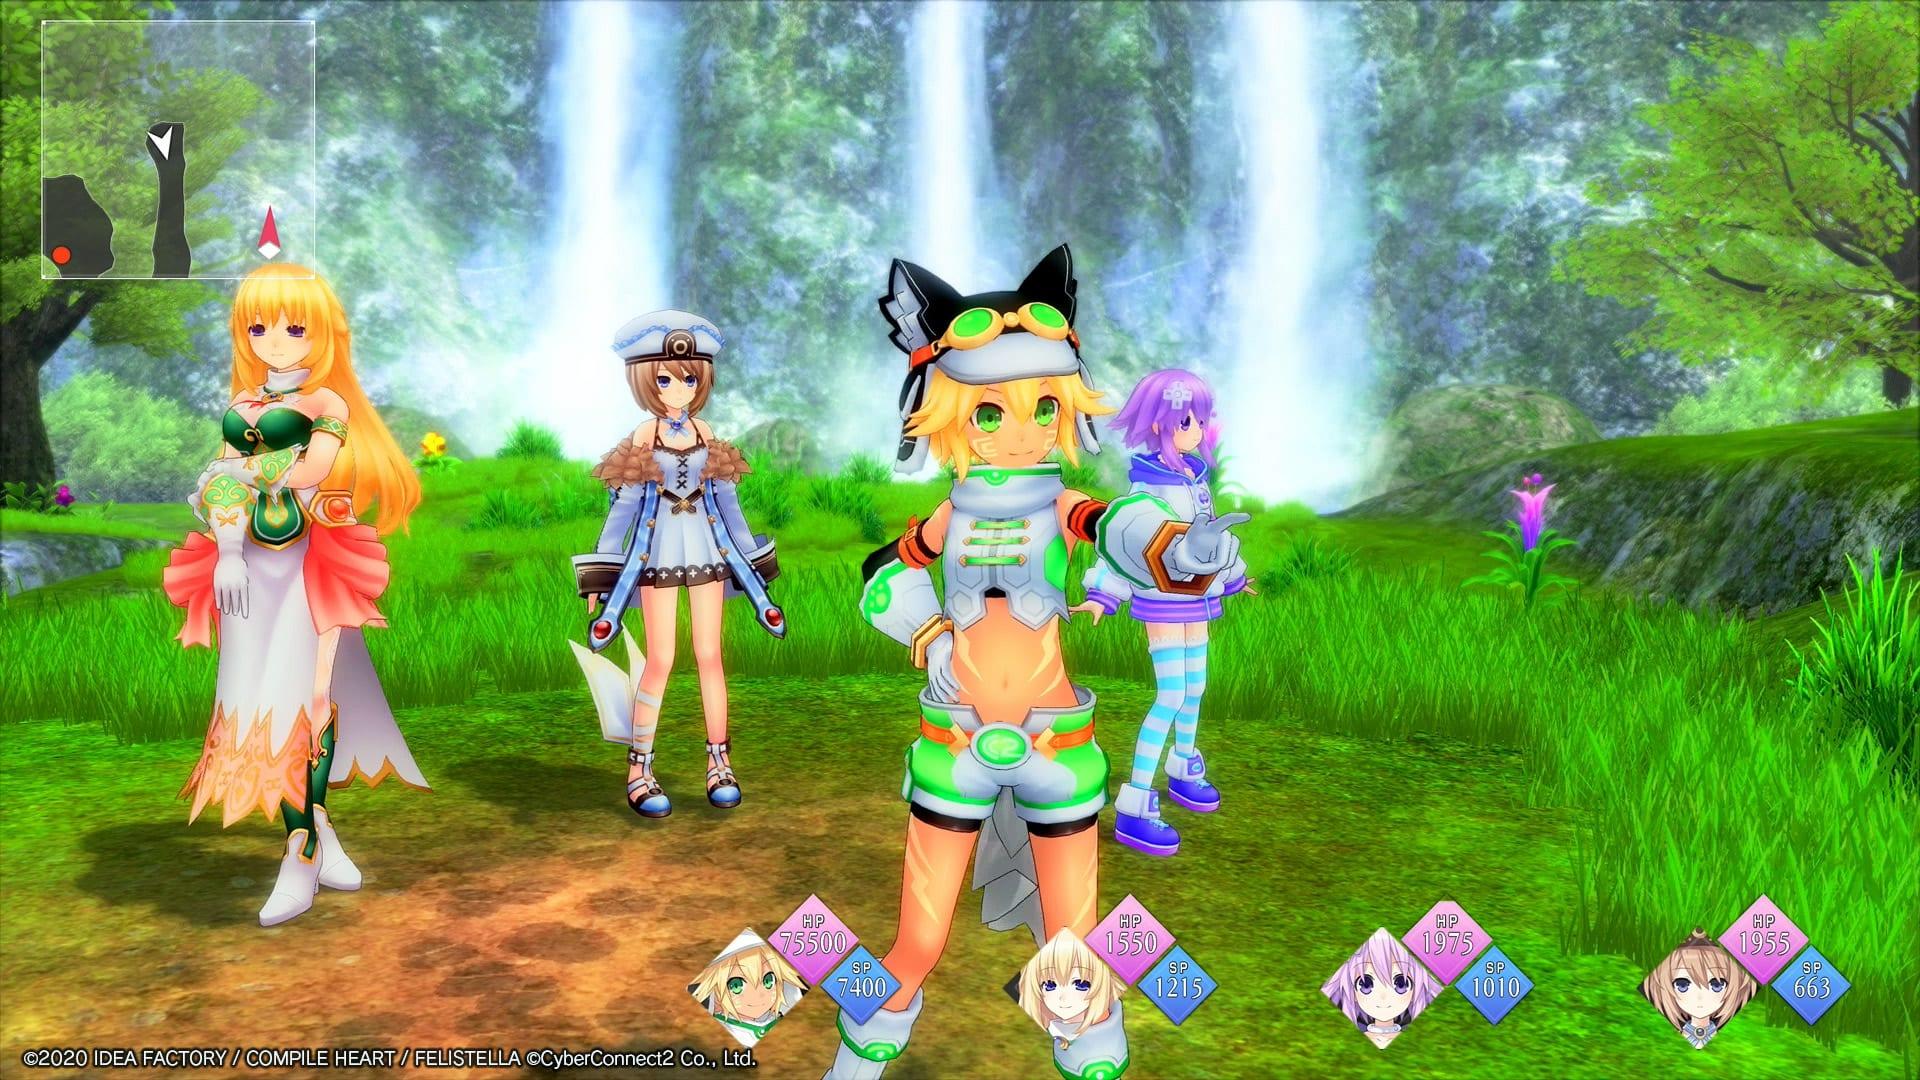 Go-Go-5D-Game-Neptunia-ReVerse-1-1.jpg